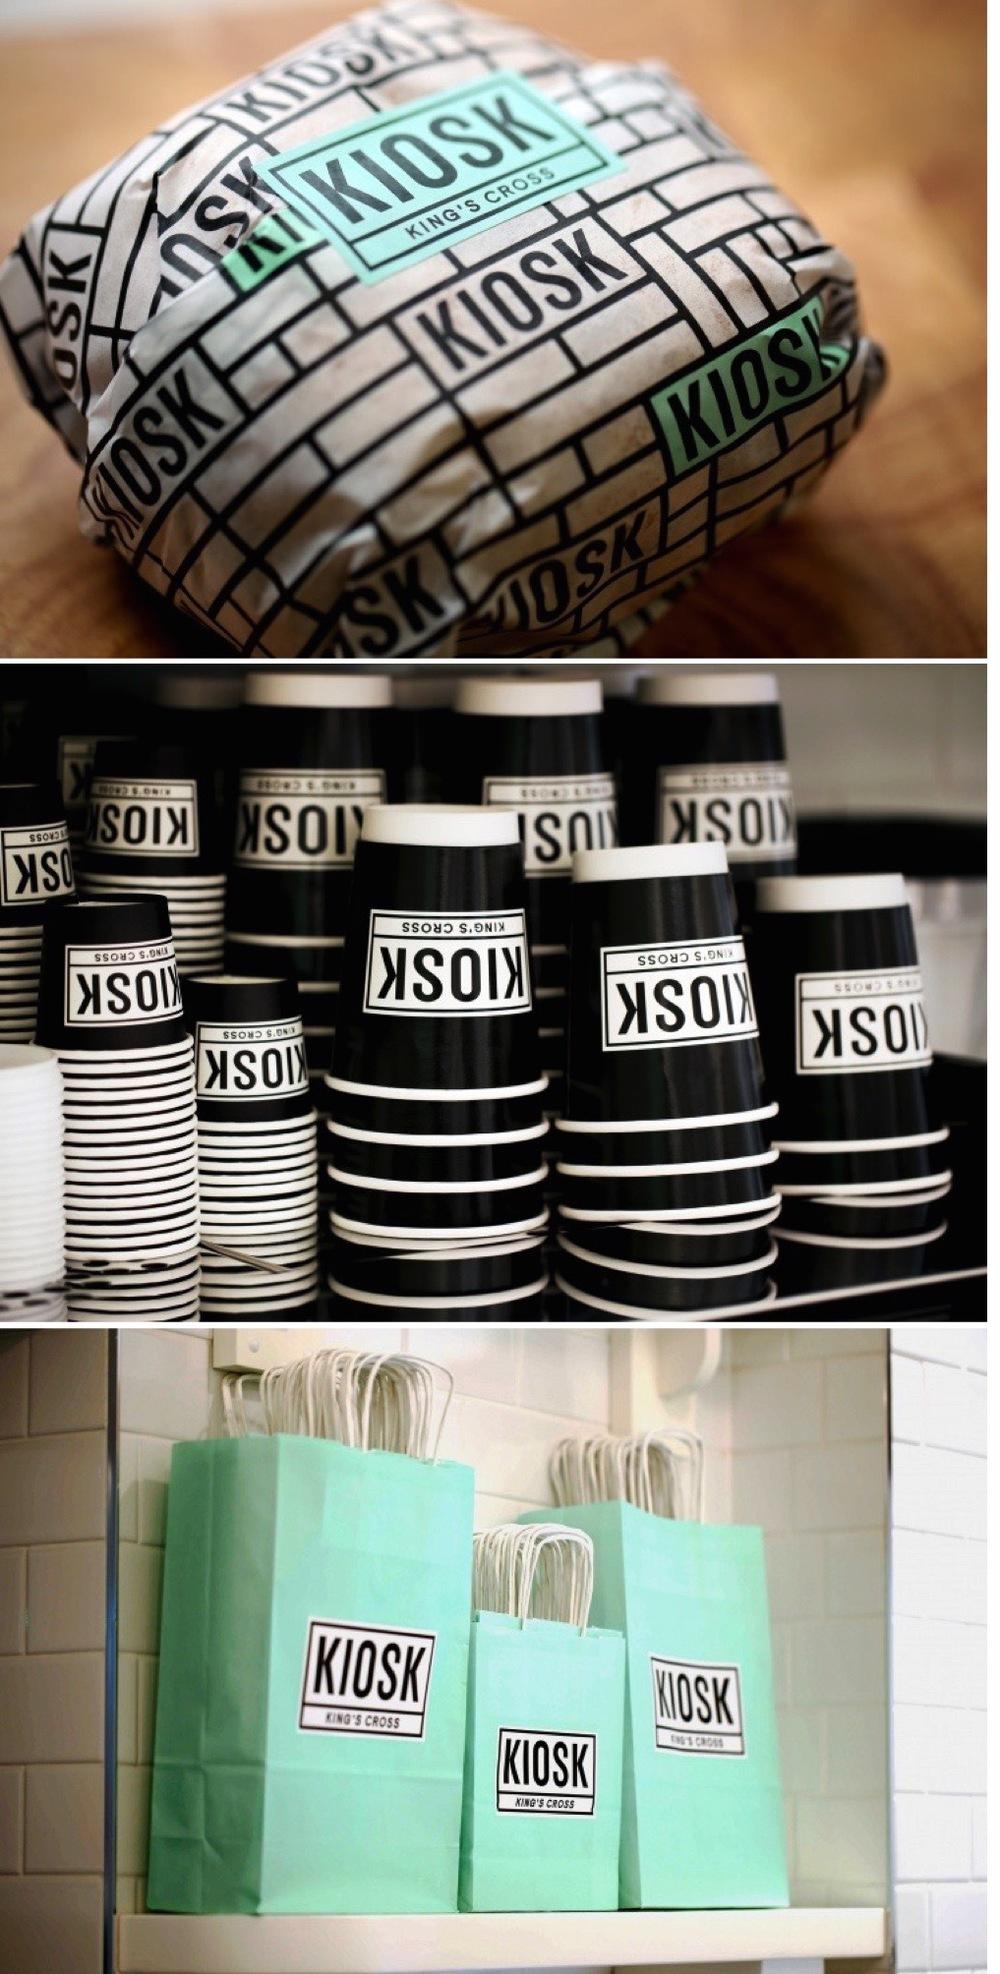 Kiosk packaging design